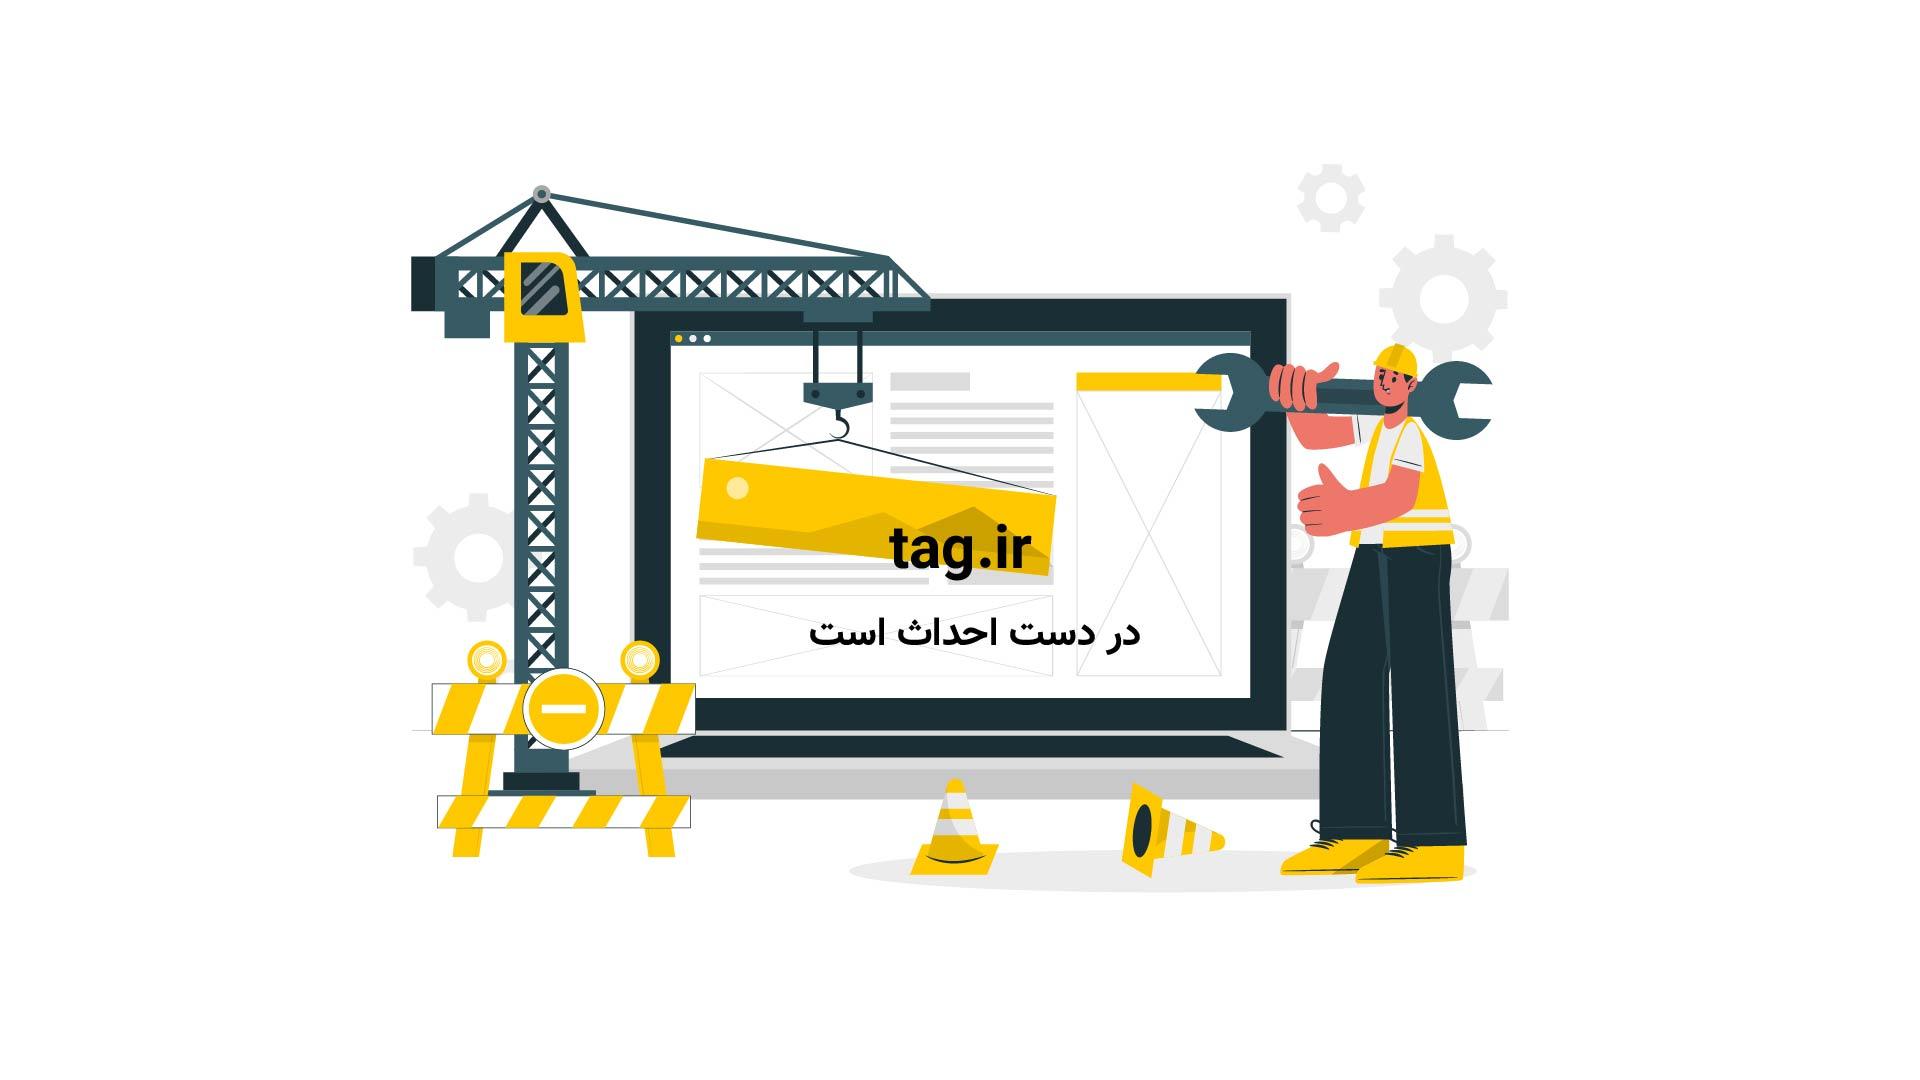 سخنرانی های تد؛ چرا کلاه ایمنی از ضربه مغزی پیشگیری نمی کند | فیلم